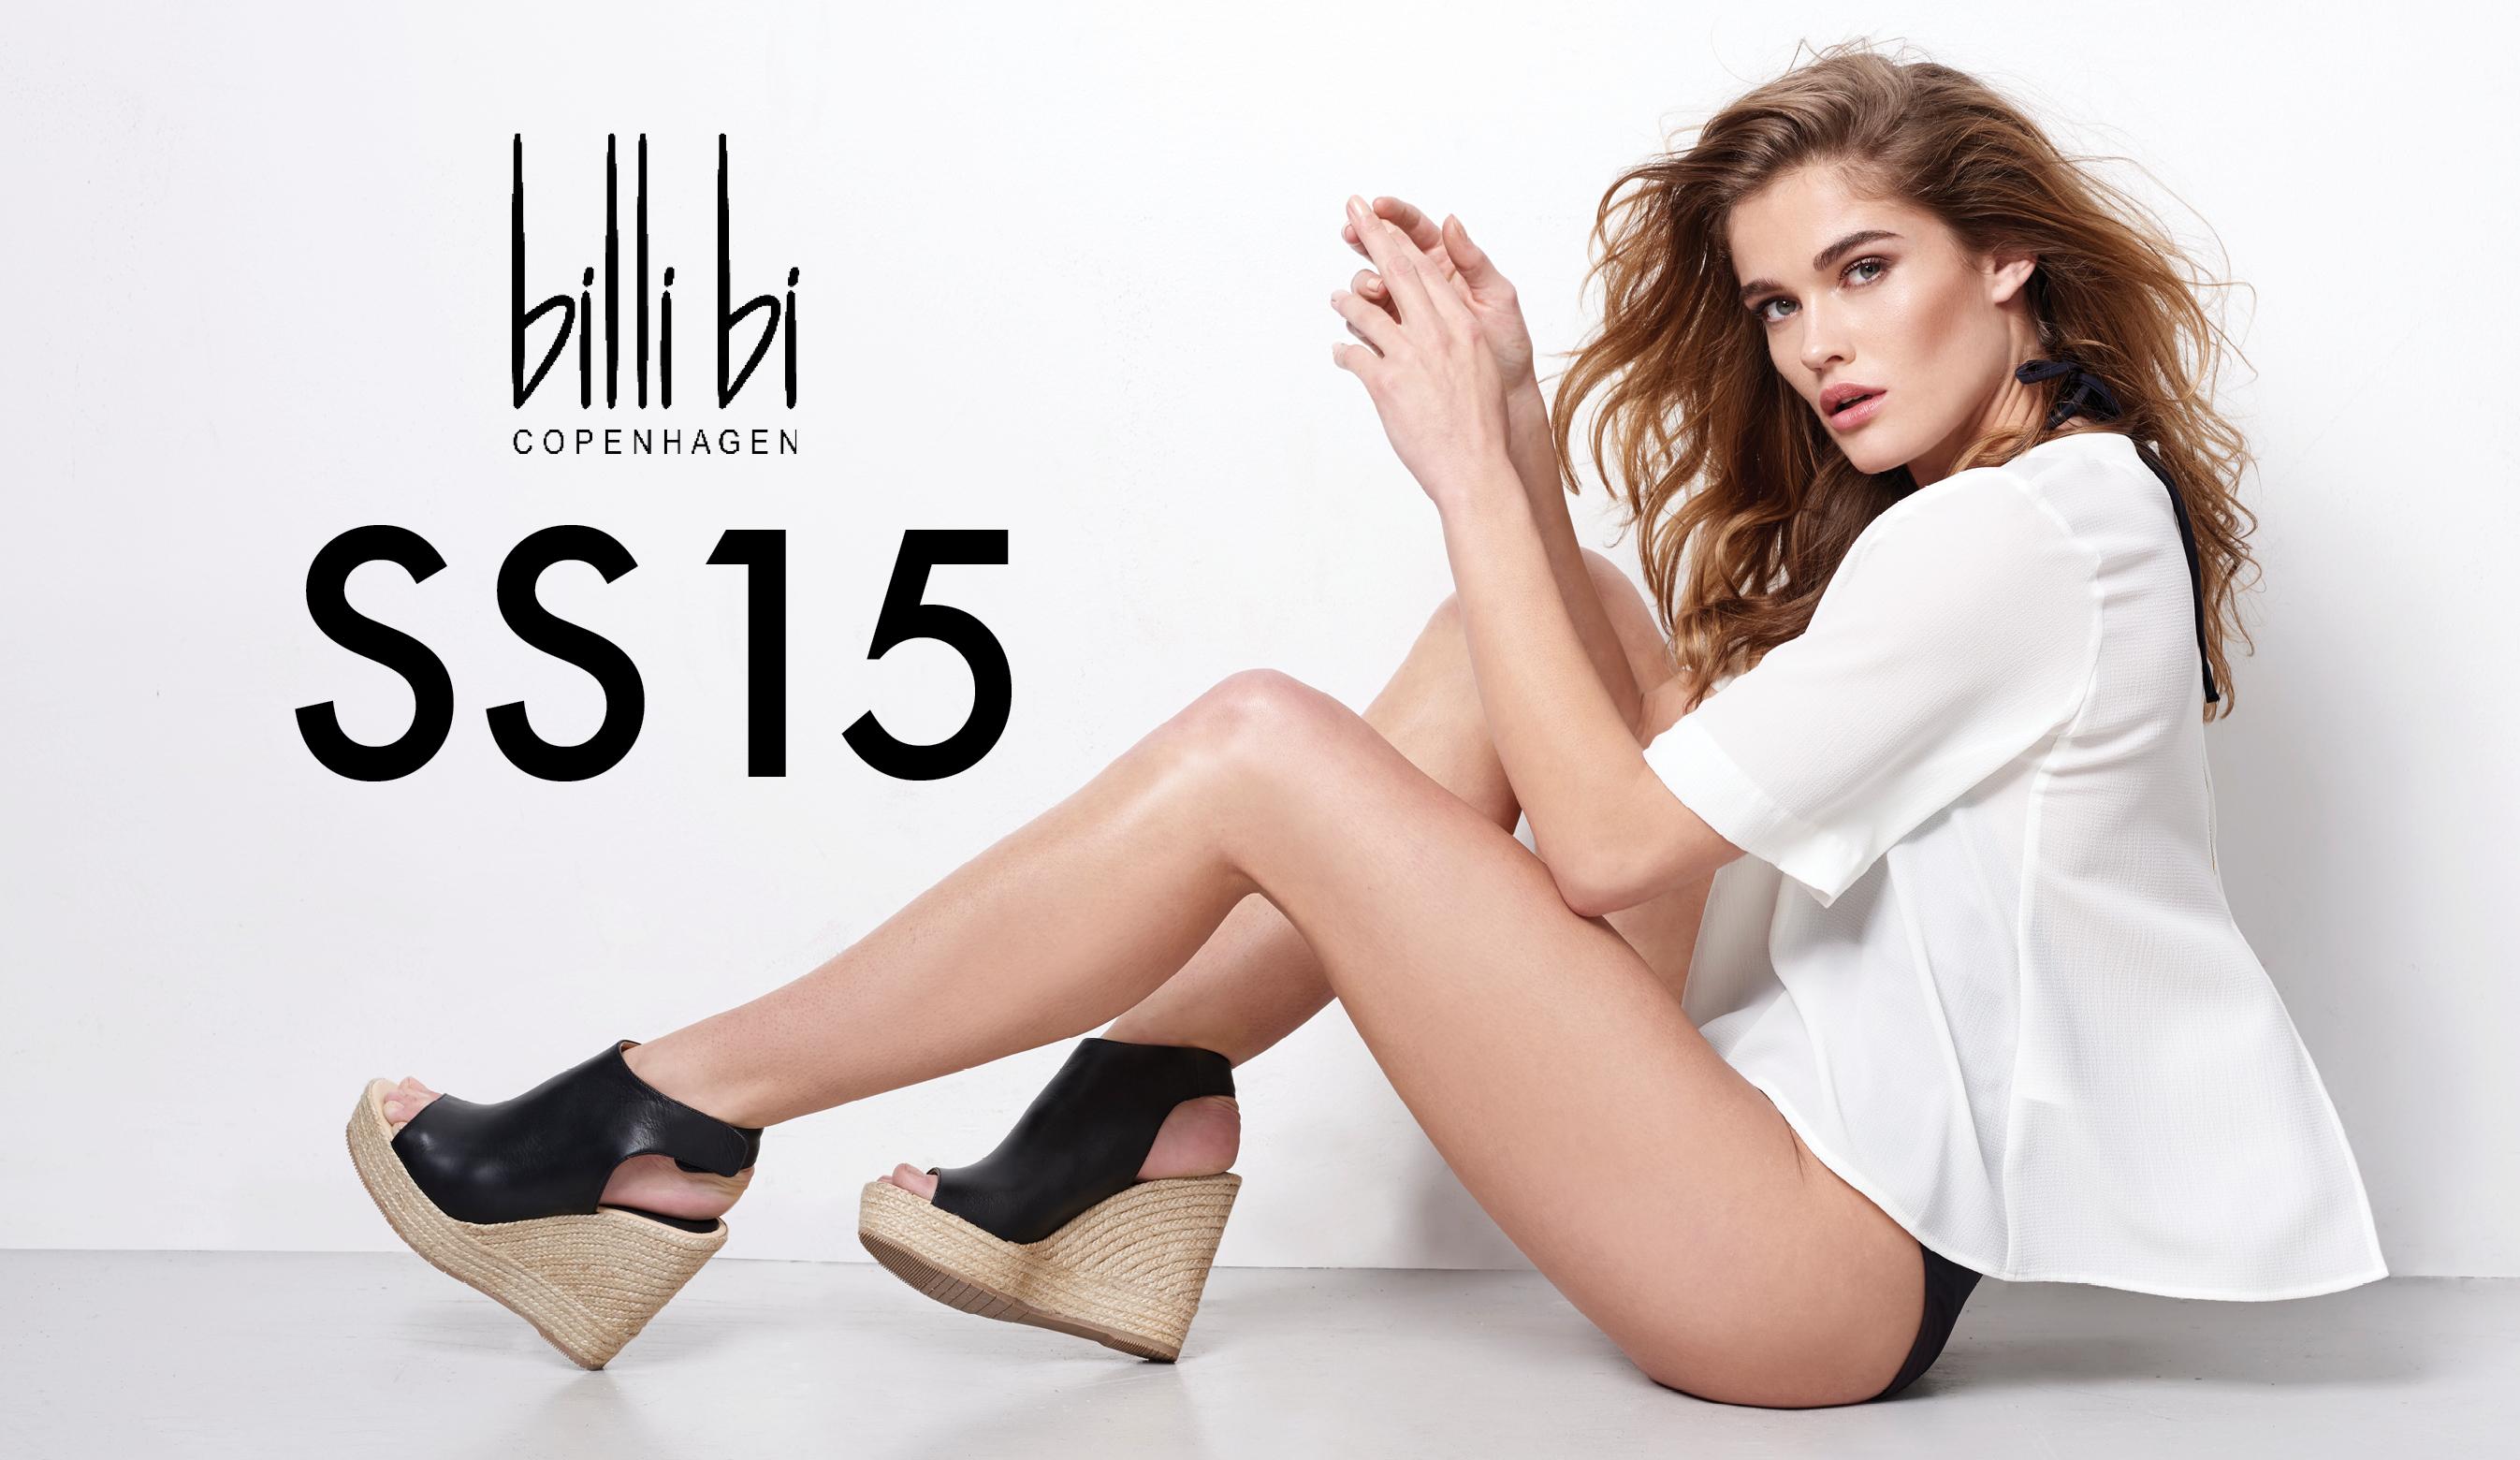 SS15 Billi Bi